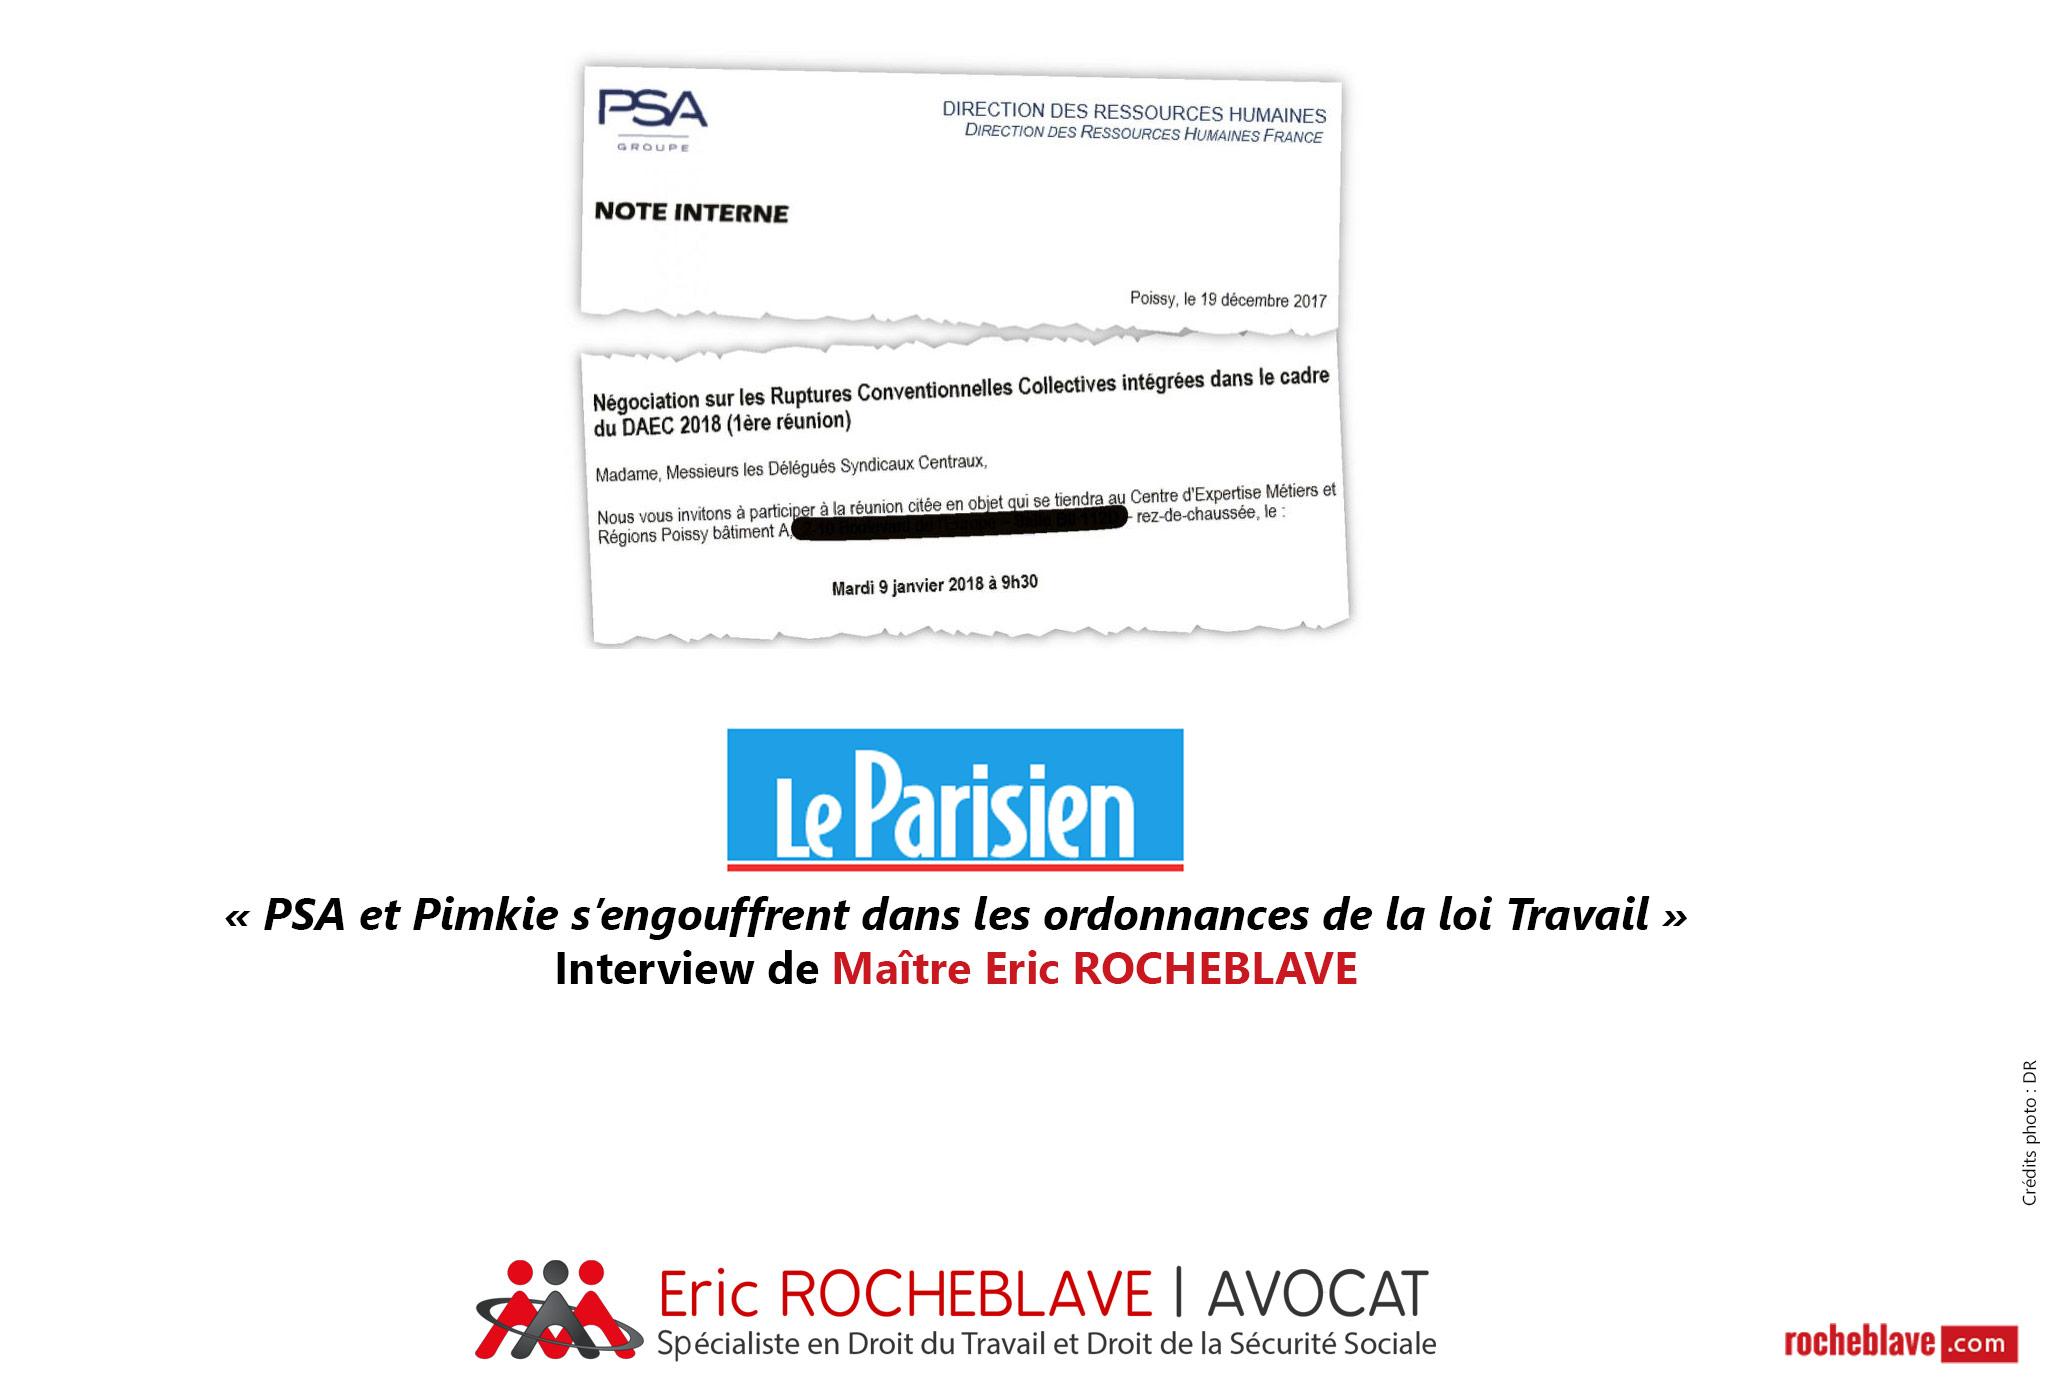 « PSA et Pimkie s'engouffrent dans les ordonnances de la loi Travail » Interview de Maître Eric ROCHEBLAVE | Le Parisien